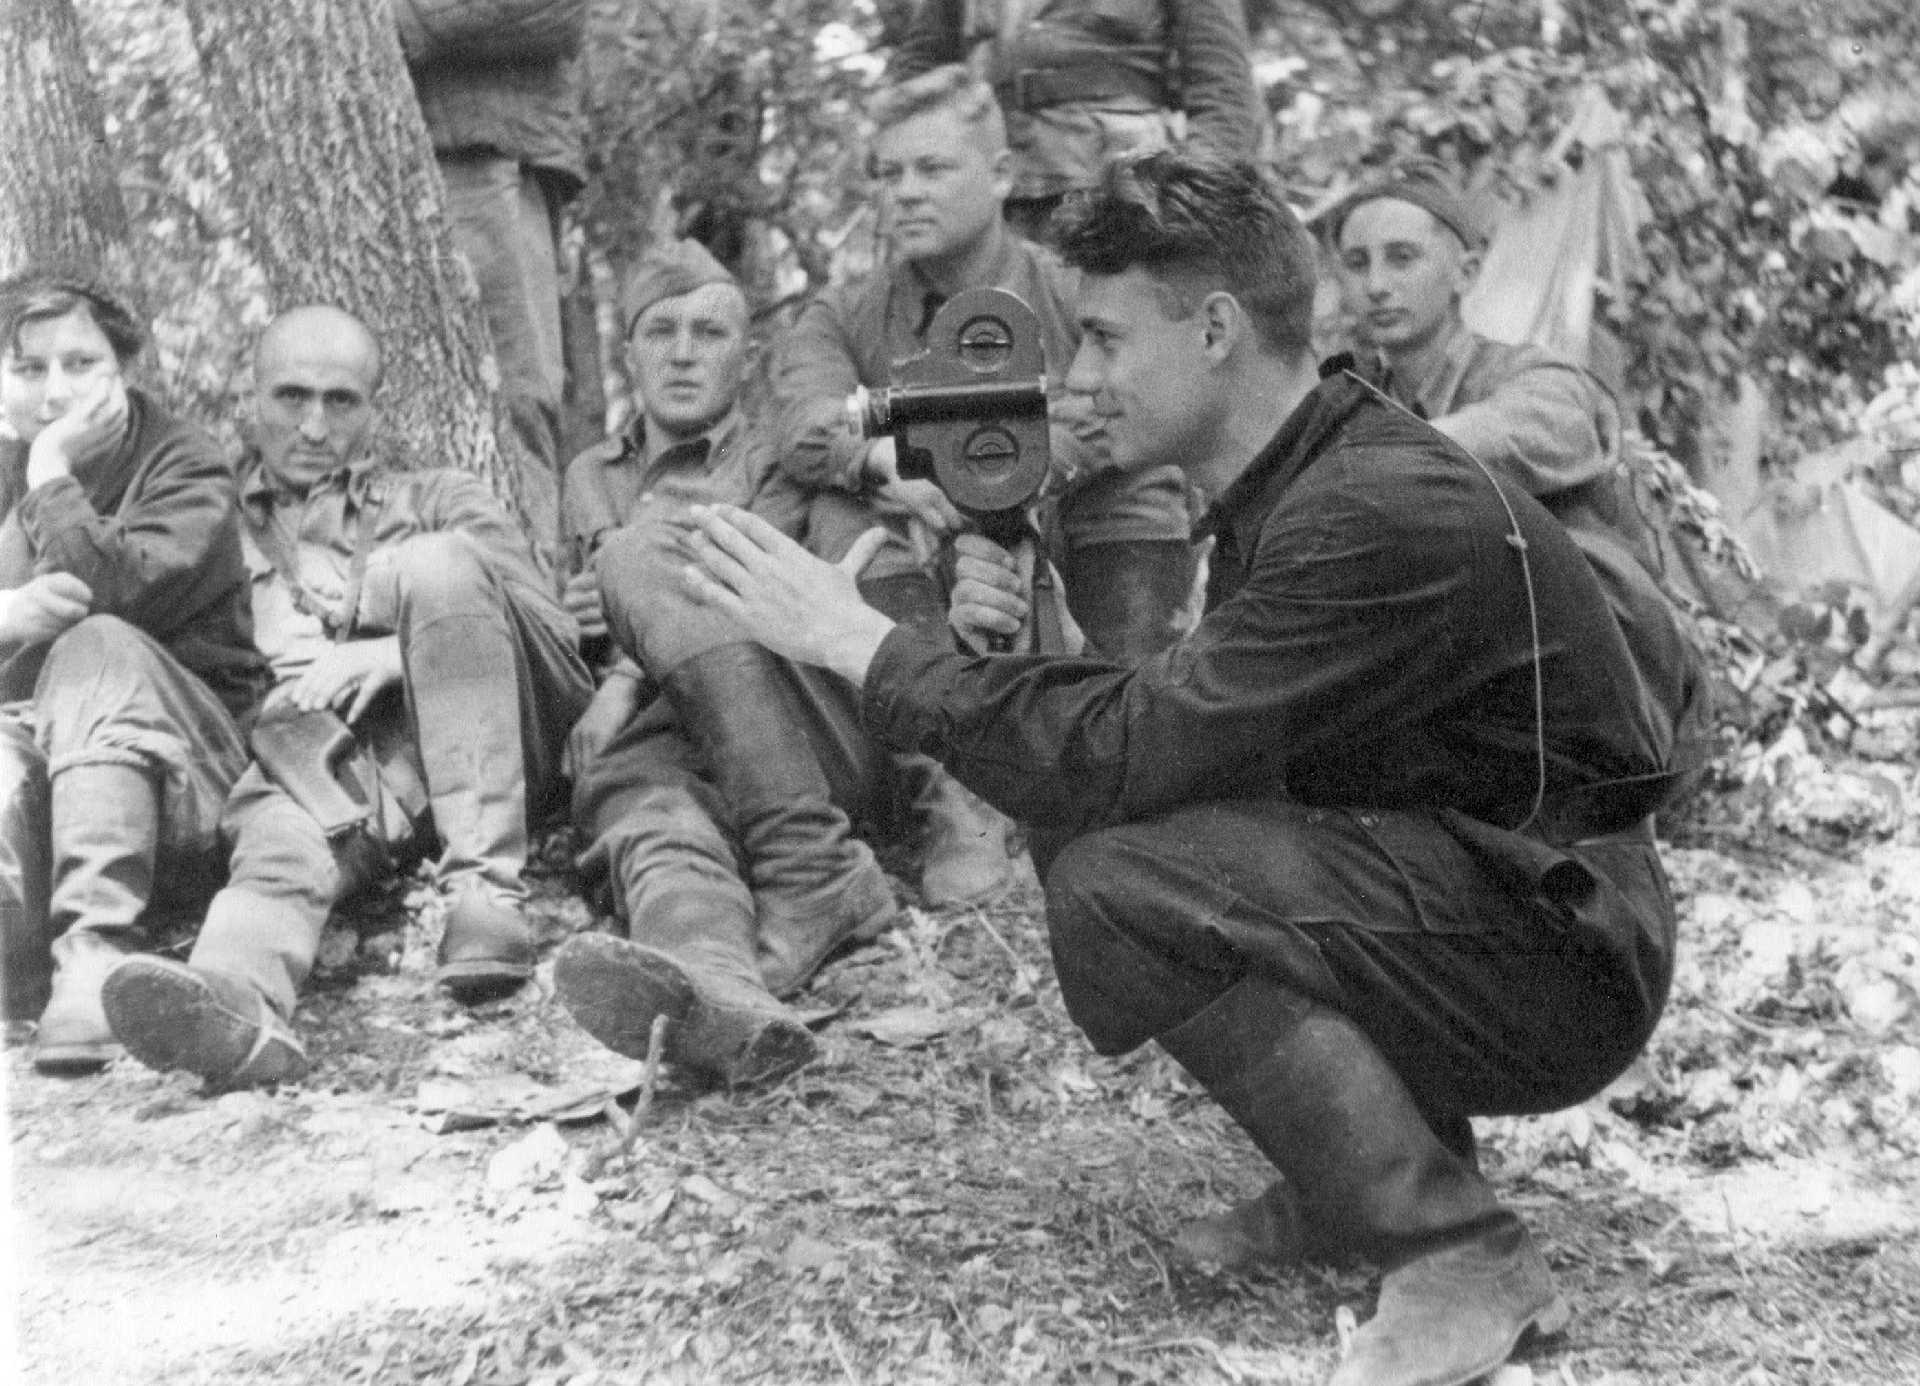 Экспонат #1. У крымских партизан. Снимает кинооператор Иван Запорожский. 1943 год